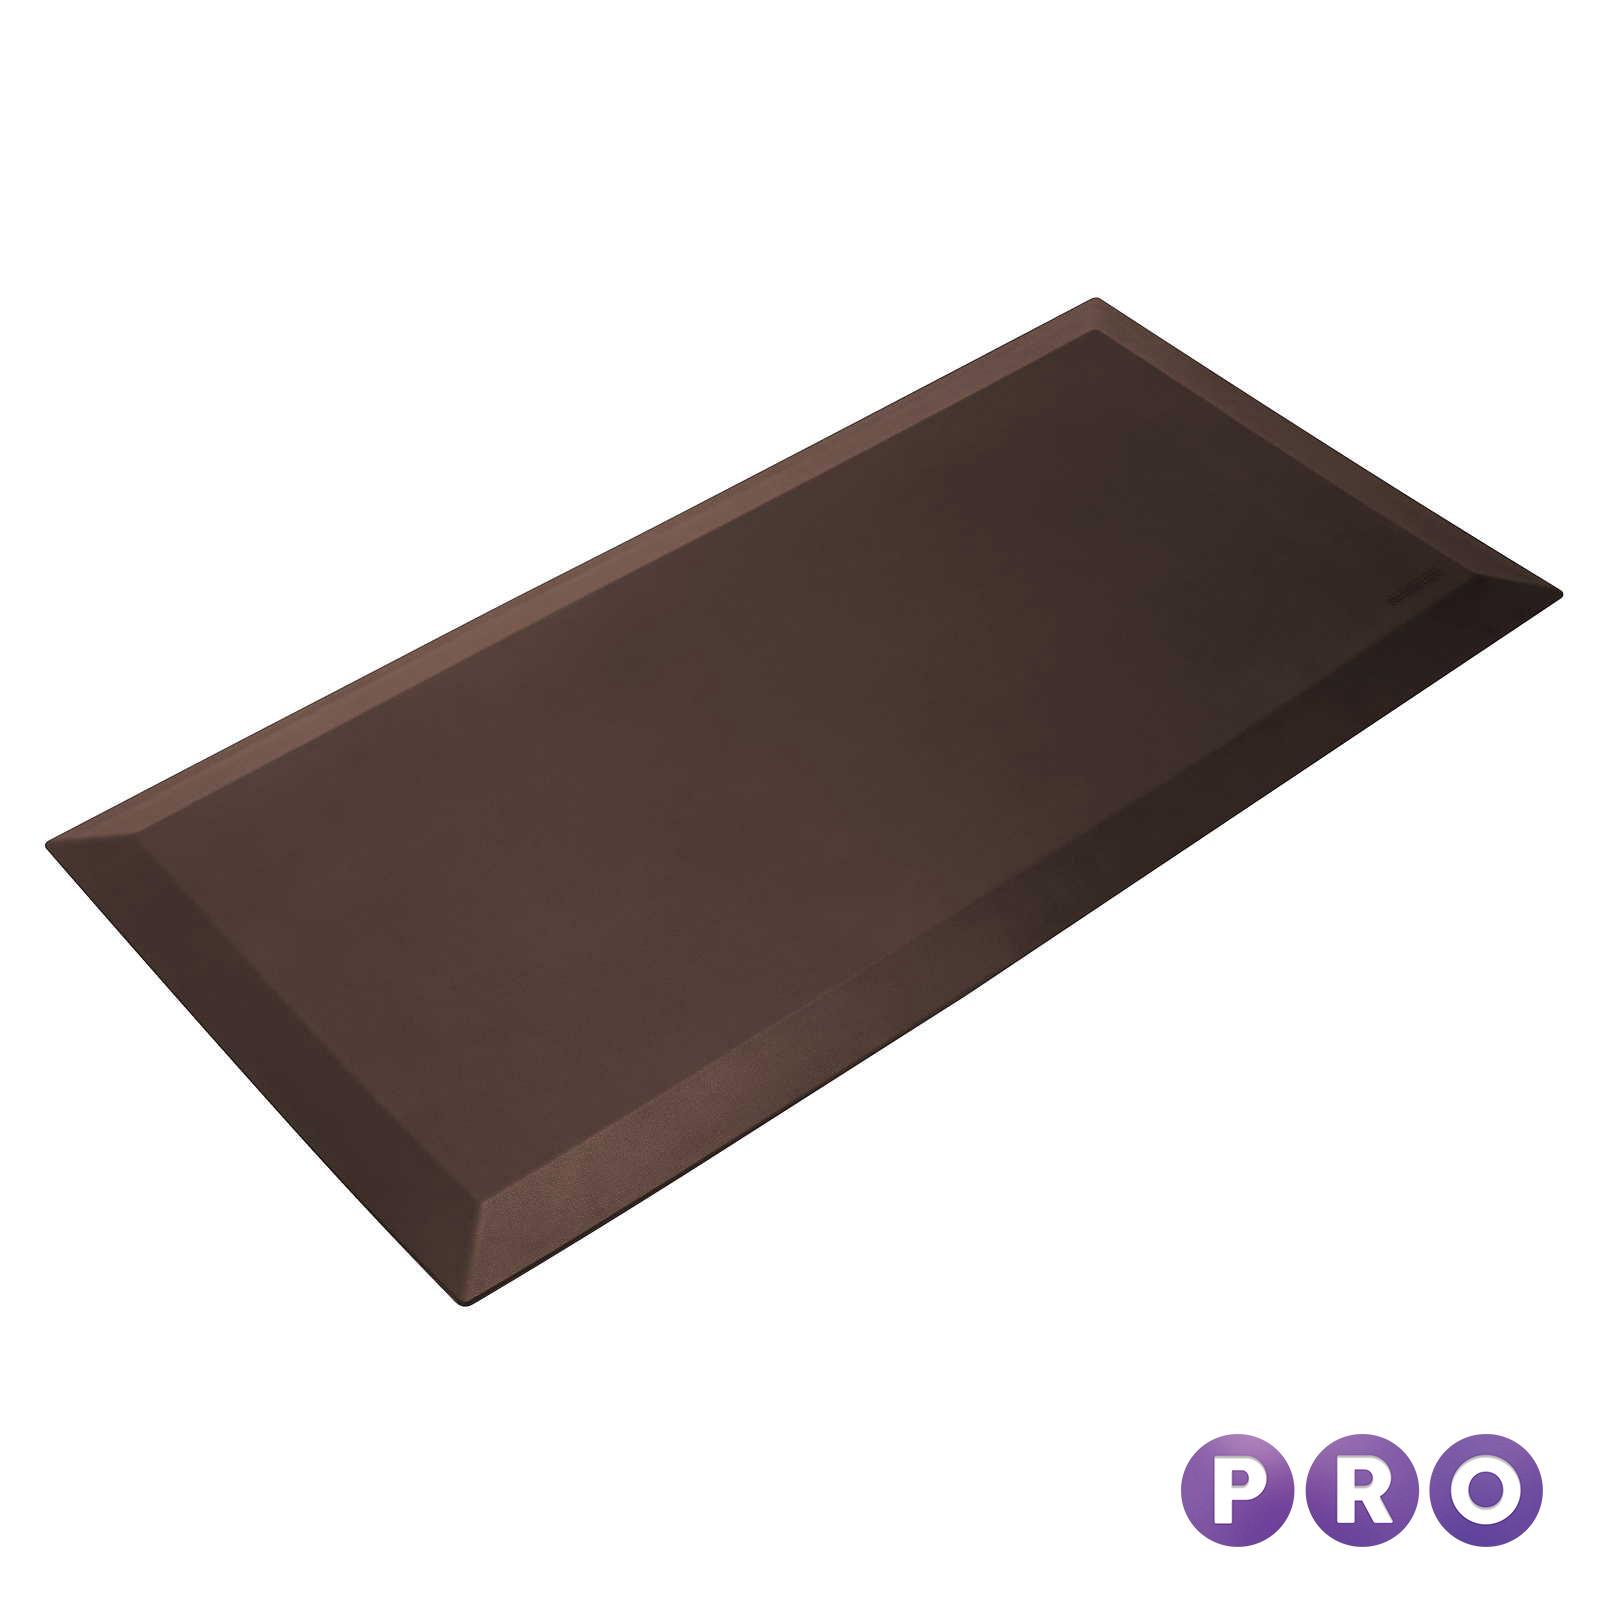 AntiFatigue Ultra Comfort Floor Mat 39 x 20 x 34 inch  eBay